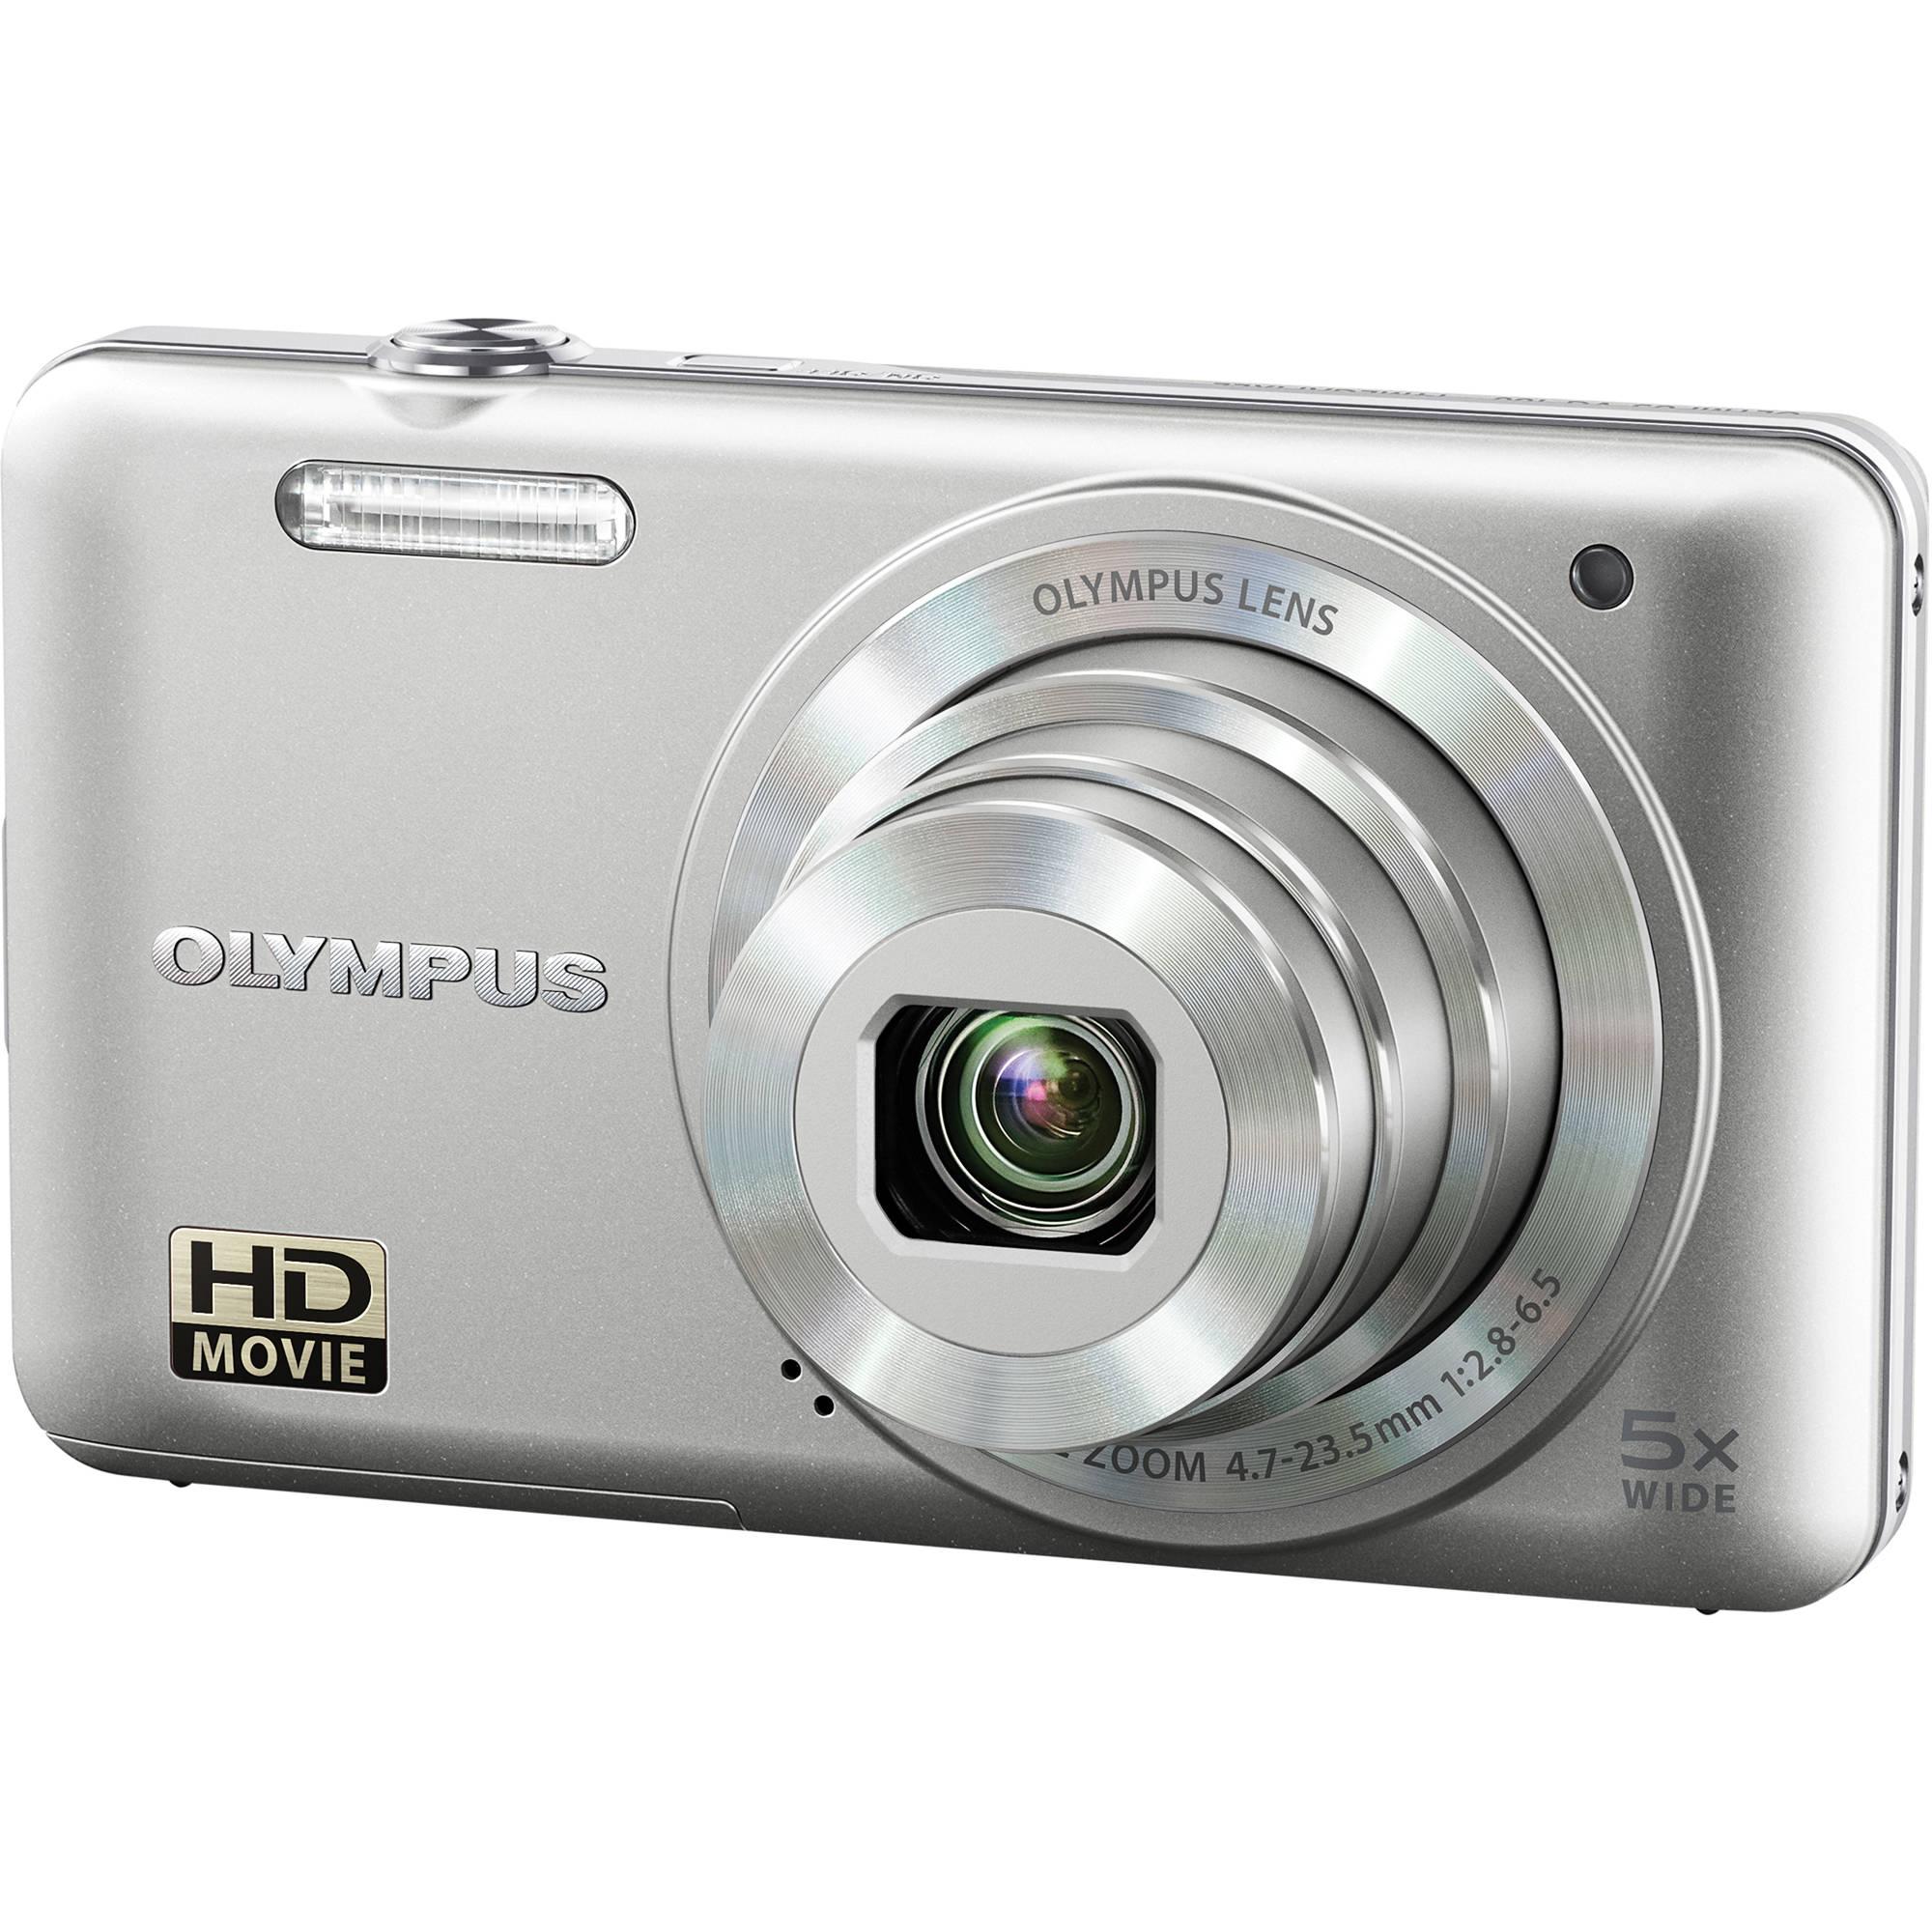 Olympus Digital Camera: Olympus VG-160 Digital Camera (Silver) V106050SU000 B&H Photo